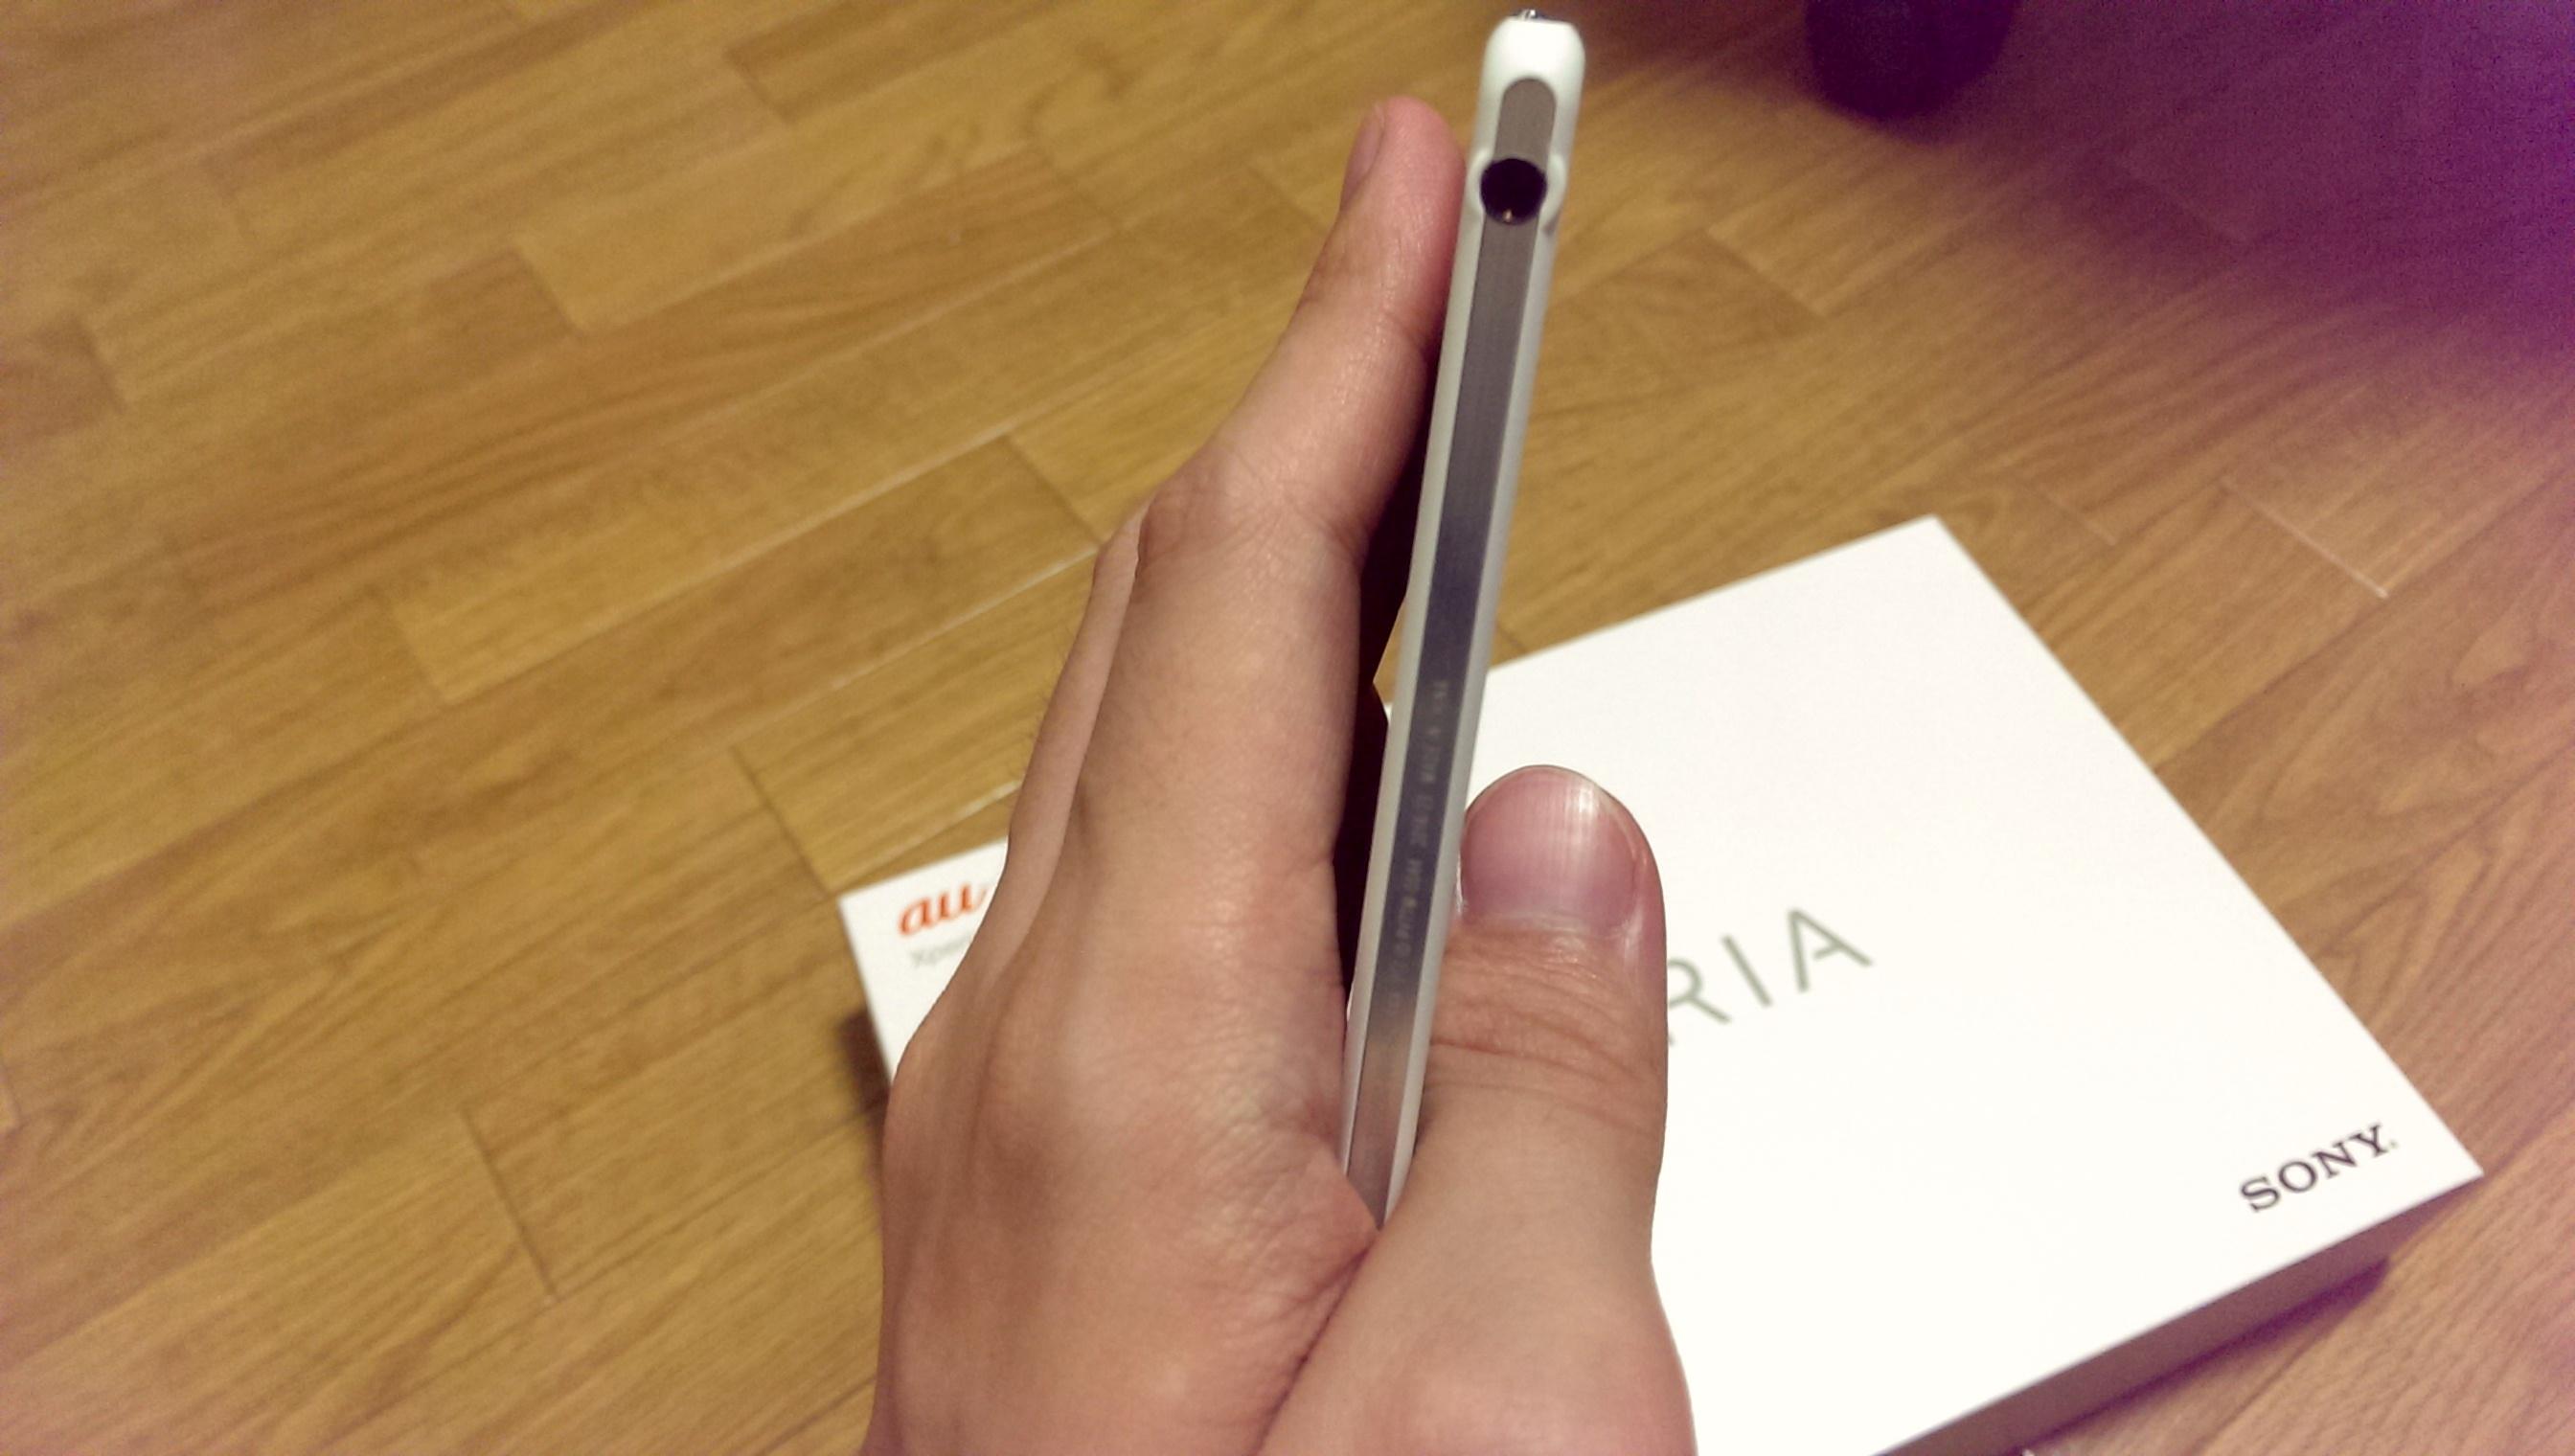 ペロッ!この感覚は……「板」かな?Xperia Z2 Tablet外観レビュー #Xperiaアンバサダー